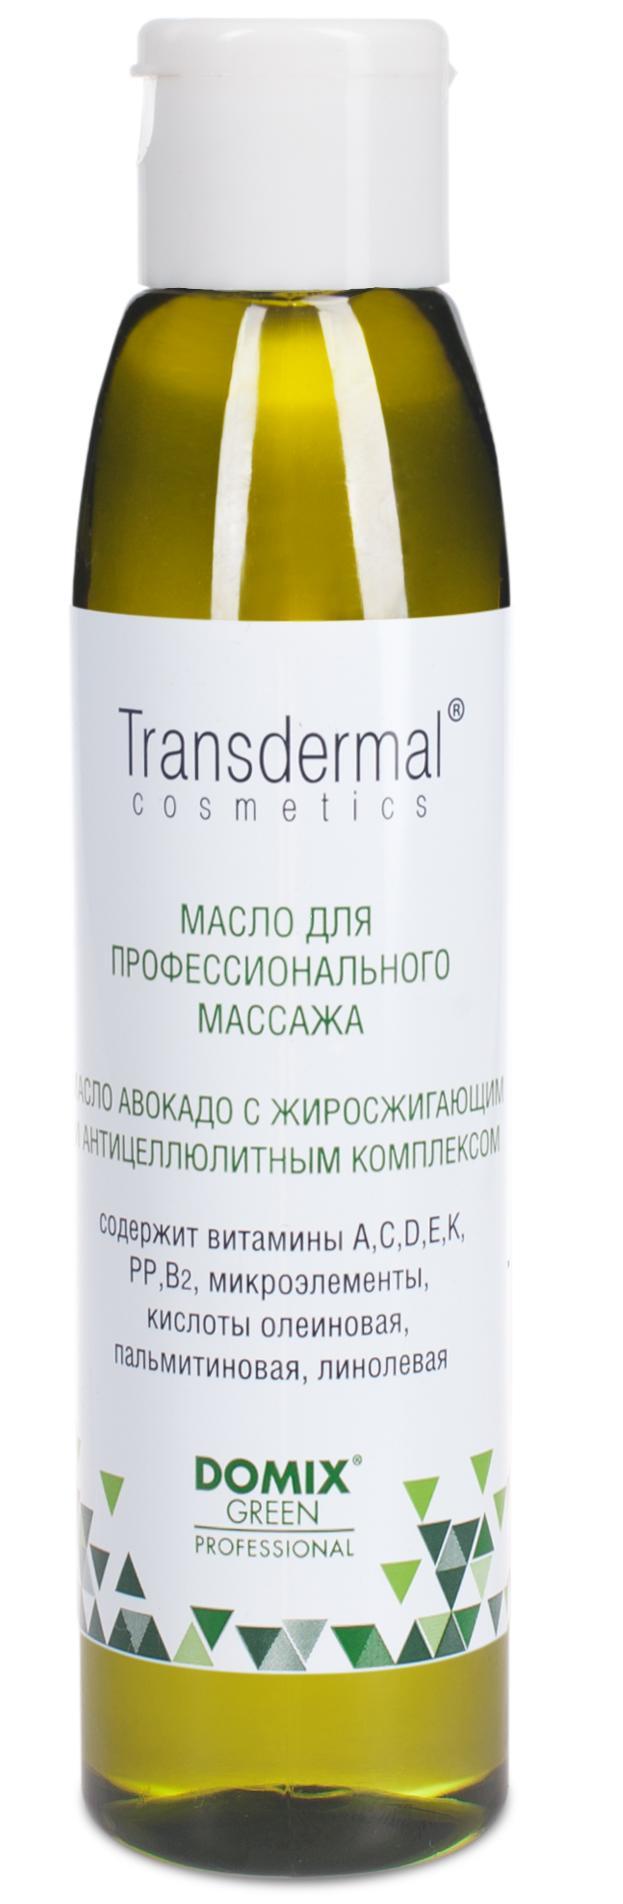 DOMIX Масло авокадо с жиросжигающим и антицеллюлитным комплексом, без отдушек / TRANSDERMAL COSMETICS 136 мл